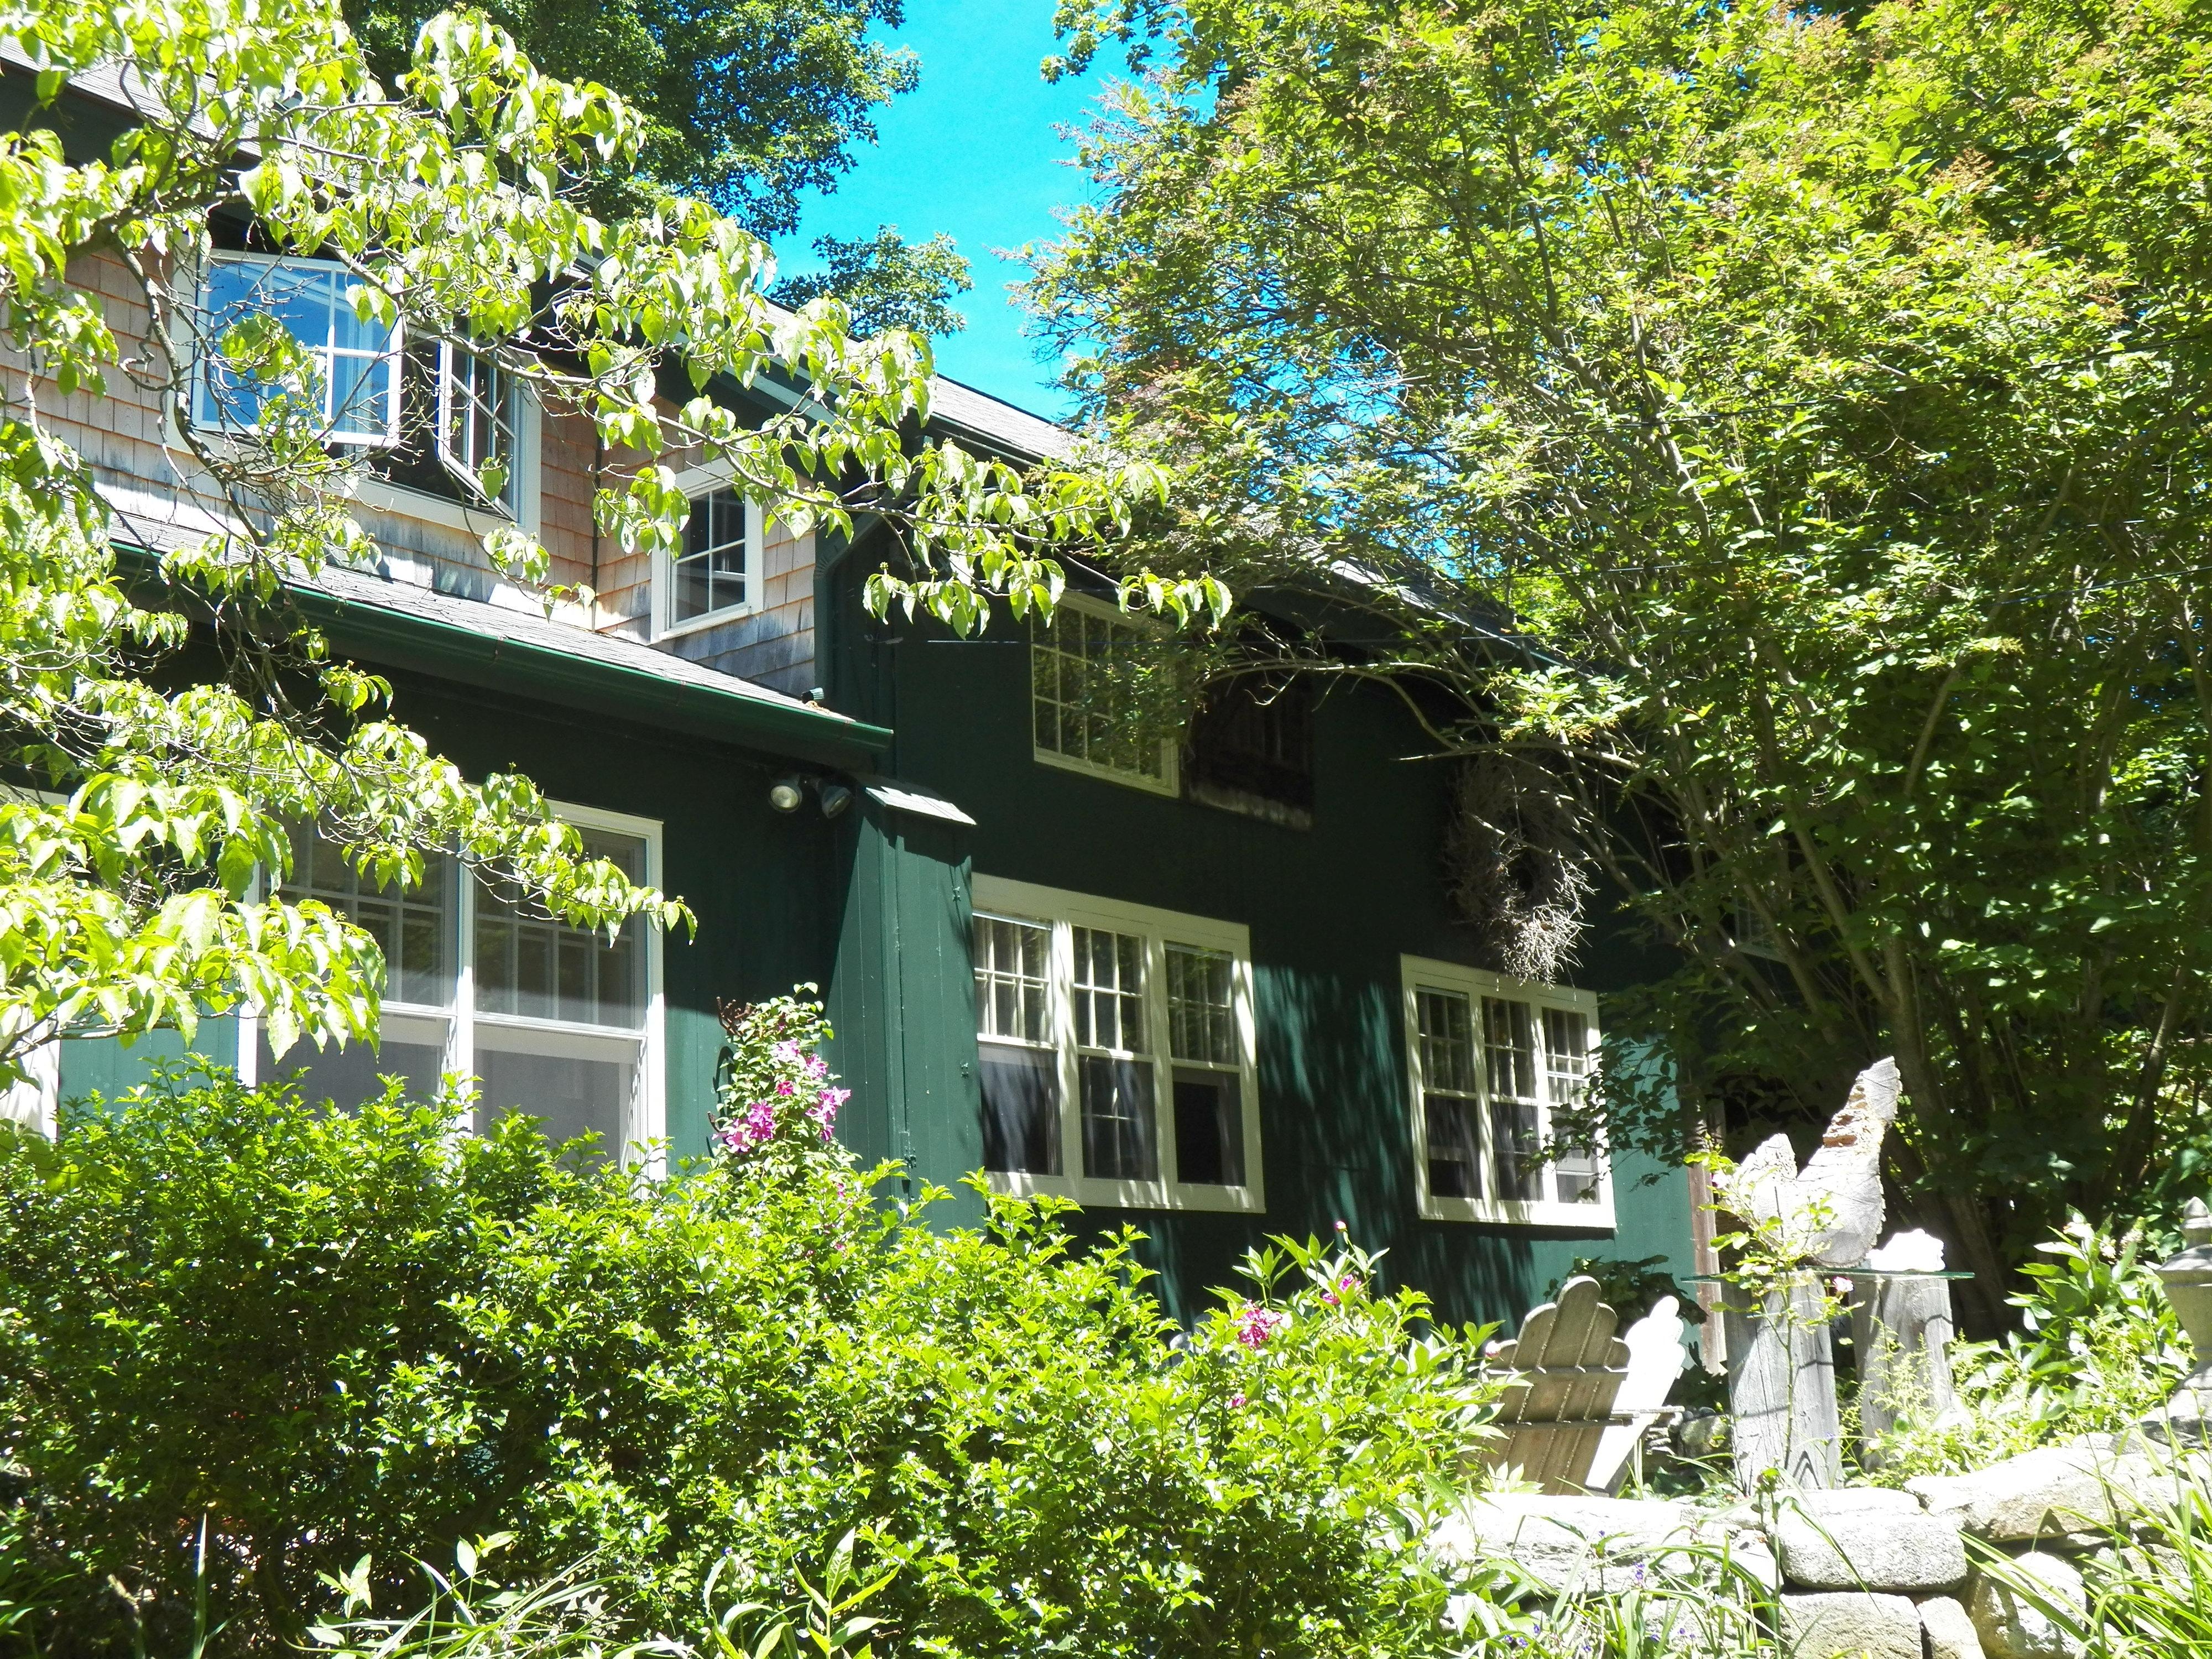 Maison unifamiliale pour l Vente à Converted Tobacco Barn 7 Kirby Rd Washington, Connecticut, 06794 États-Unis